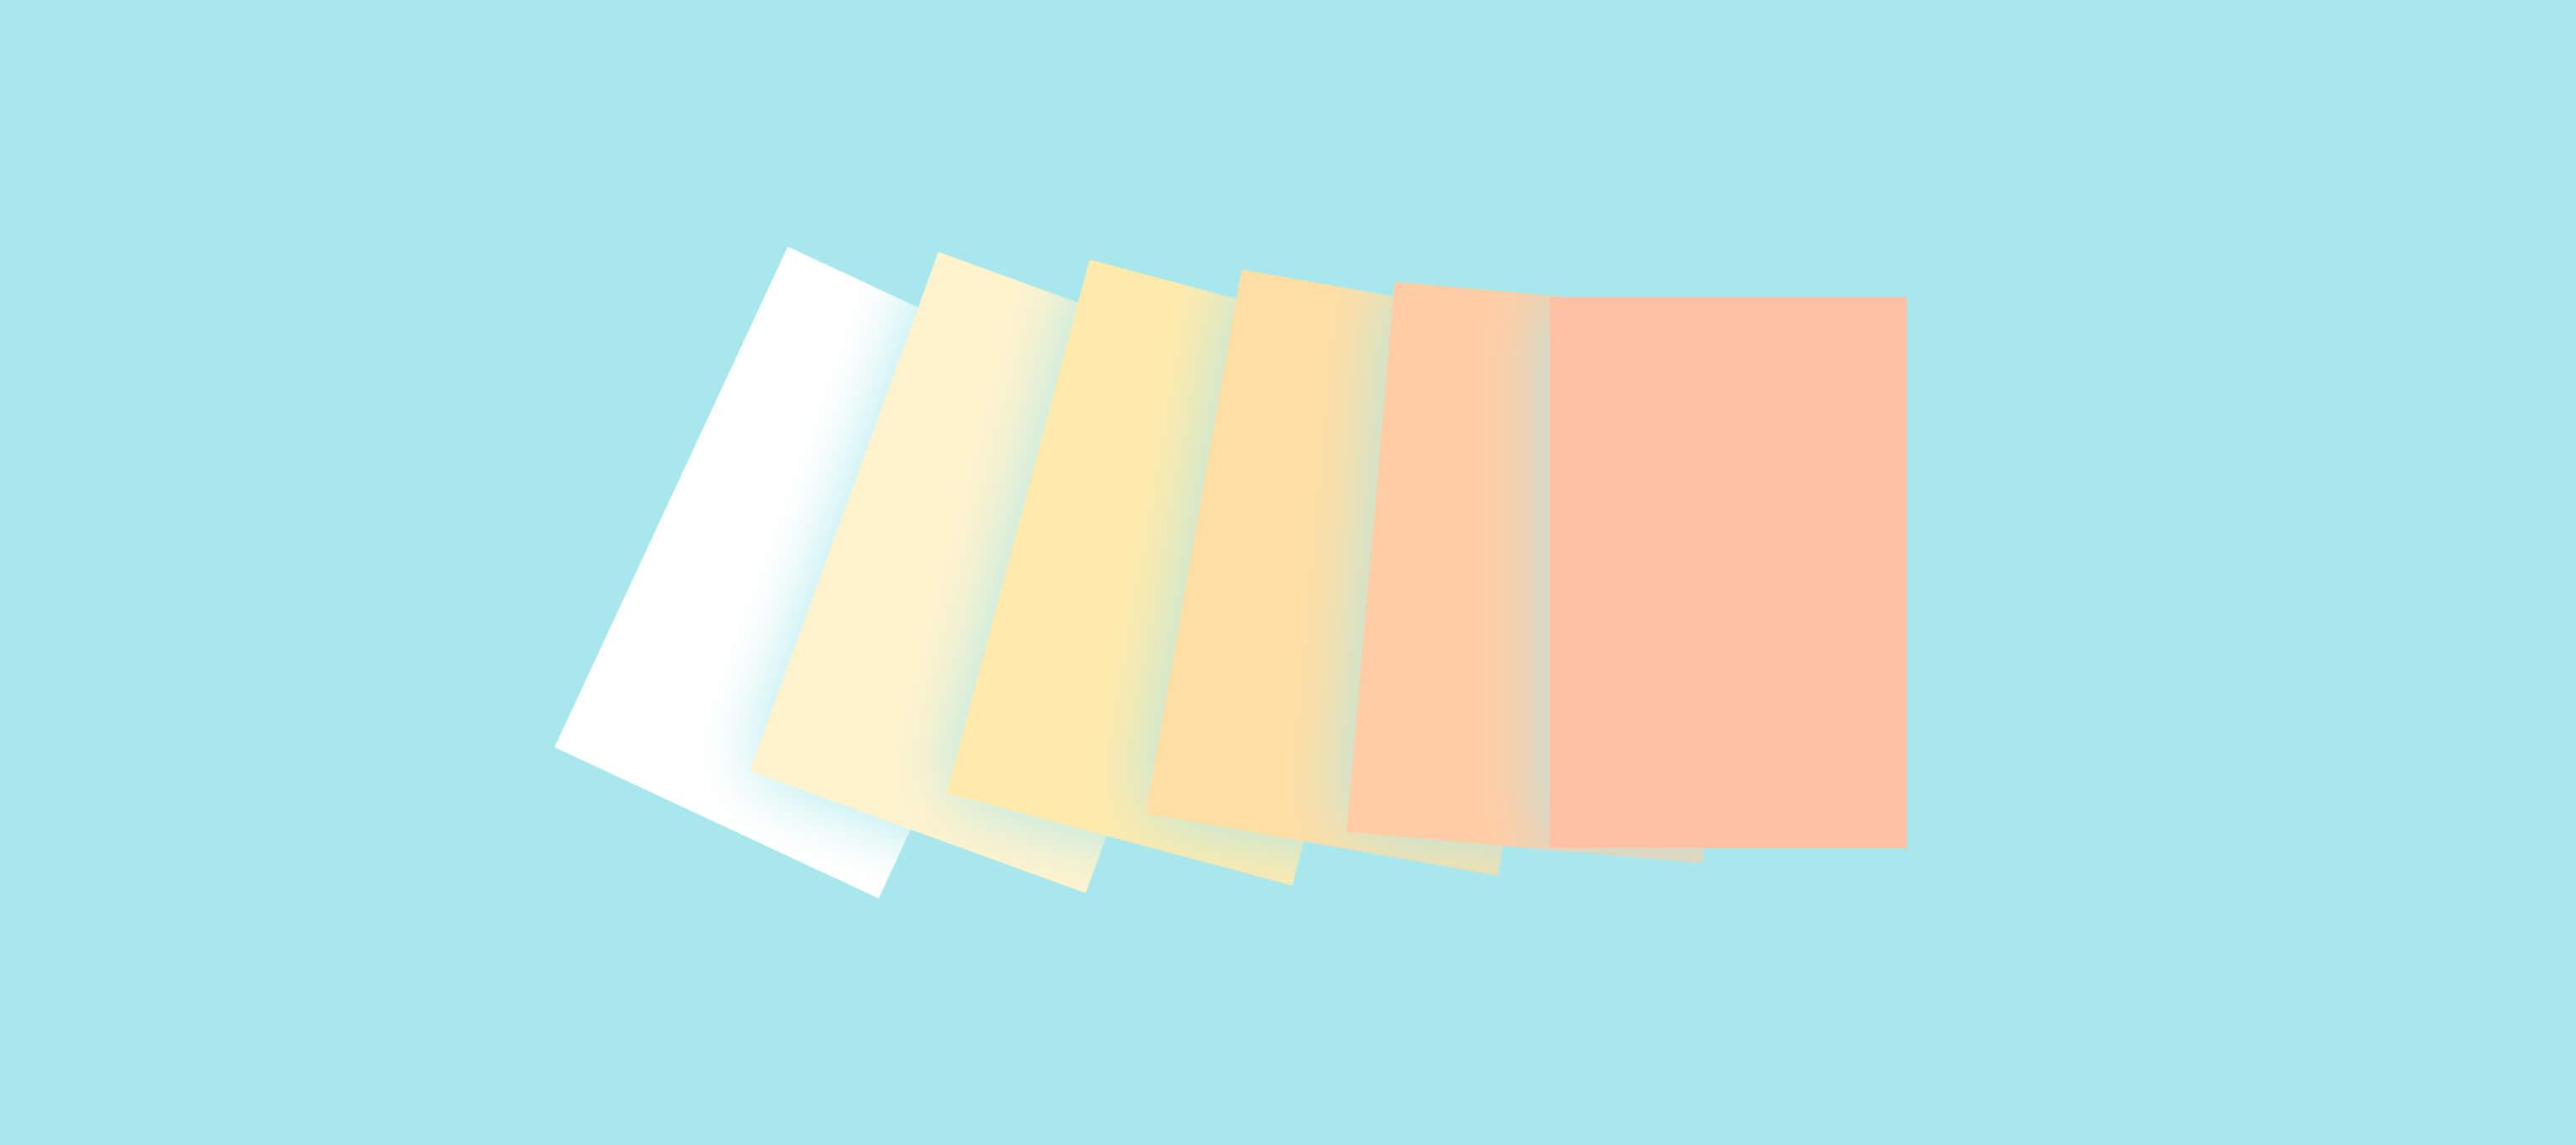 rettangoli colorati, simbolo del riconoscimento immagini di cui è capace l'ai della computer vision